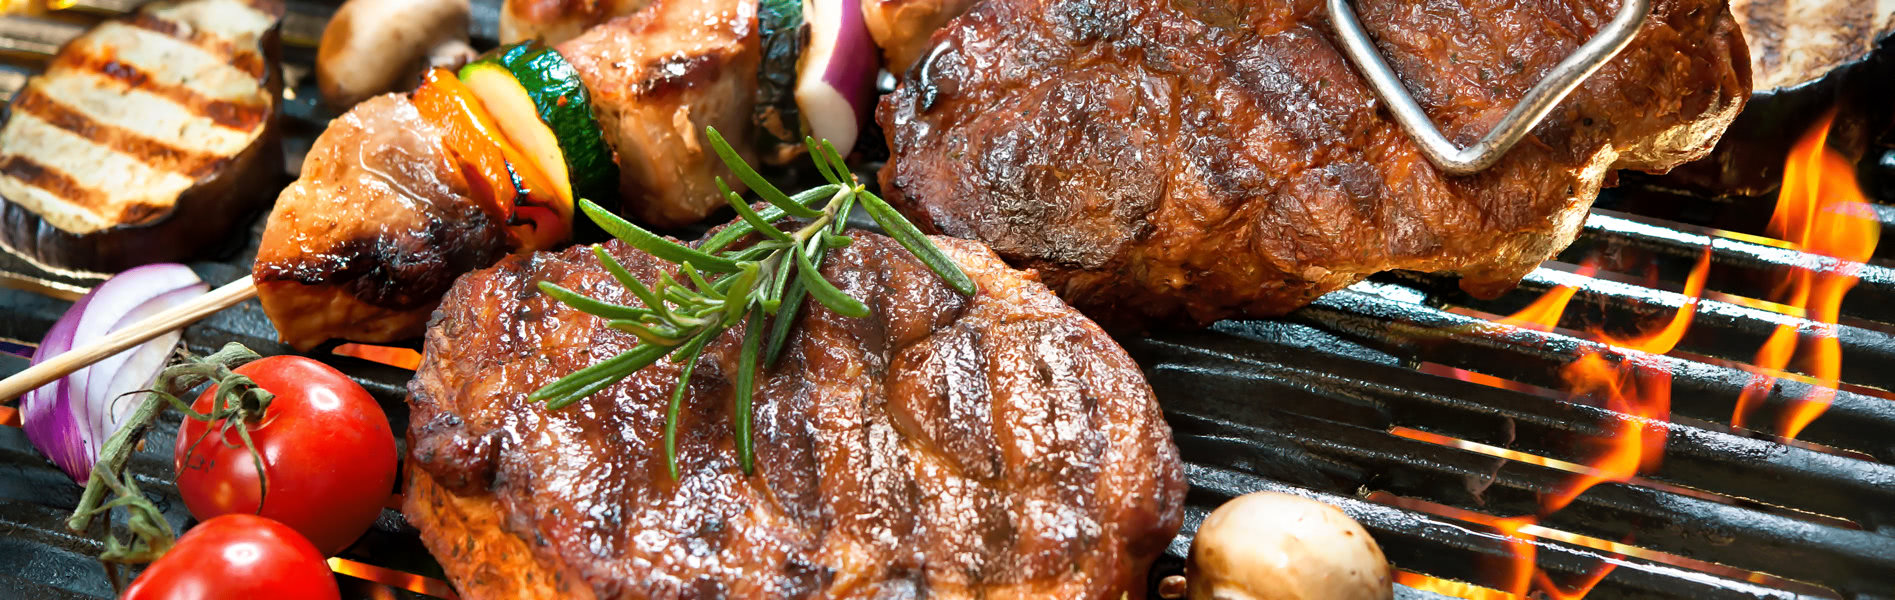 Fleisch & Spieße auf dem Grill - BBQ-Grill Food Truck München mit UNIKORN Catering